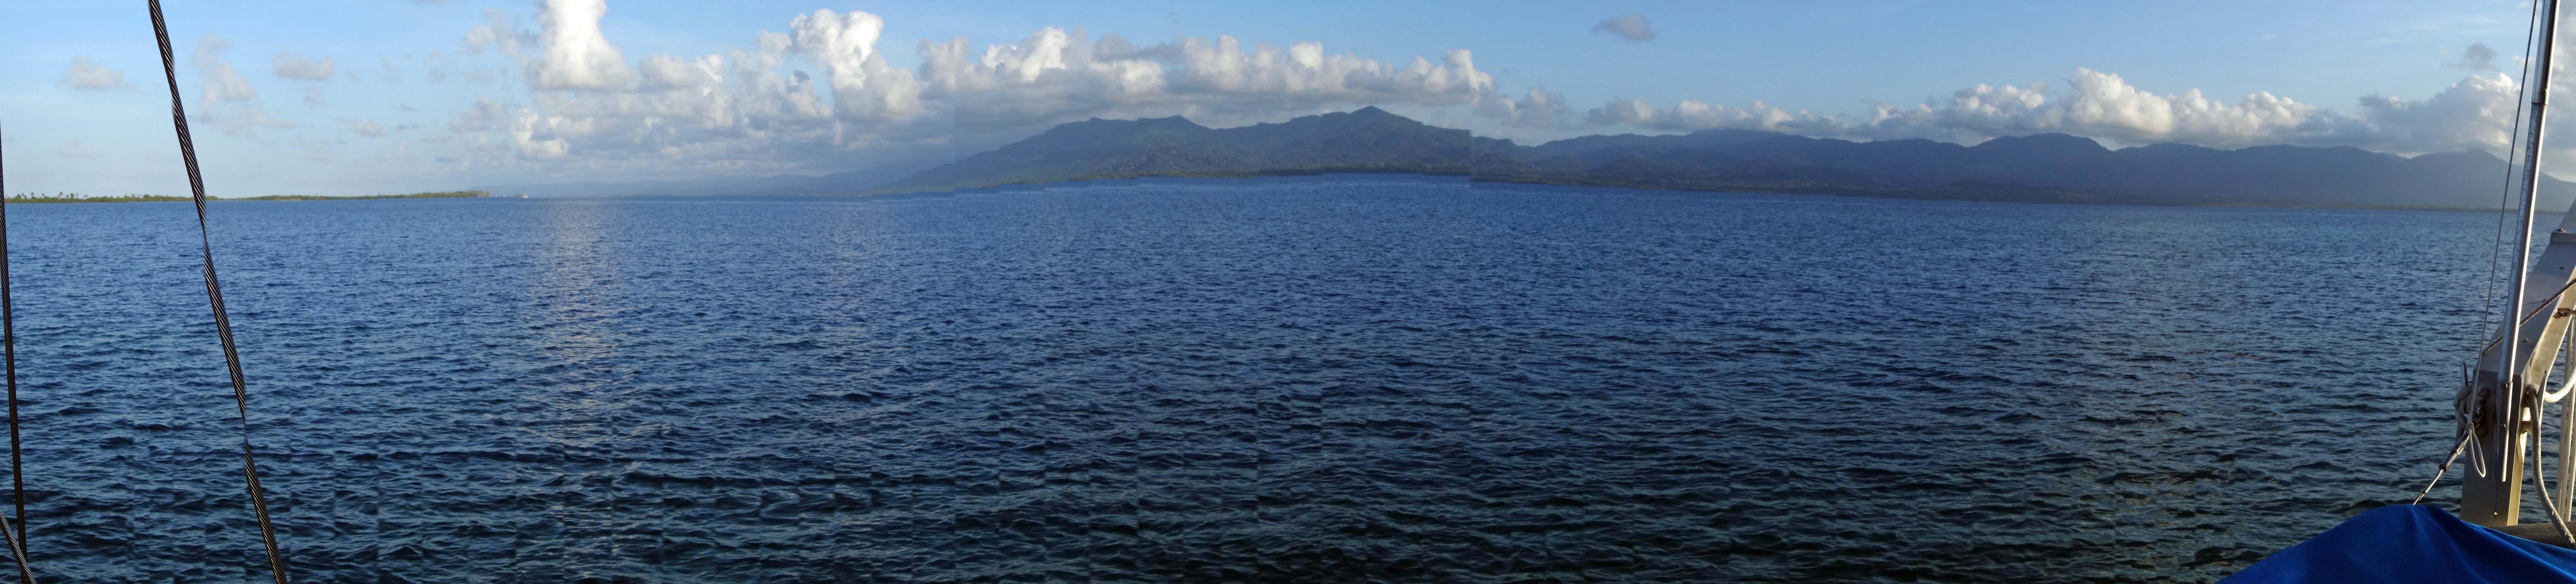 Darien Gap, Panama viewed from a sailboat, Guna Yala islands, Panama, C.A.